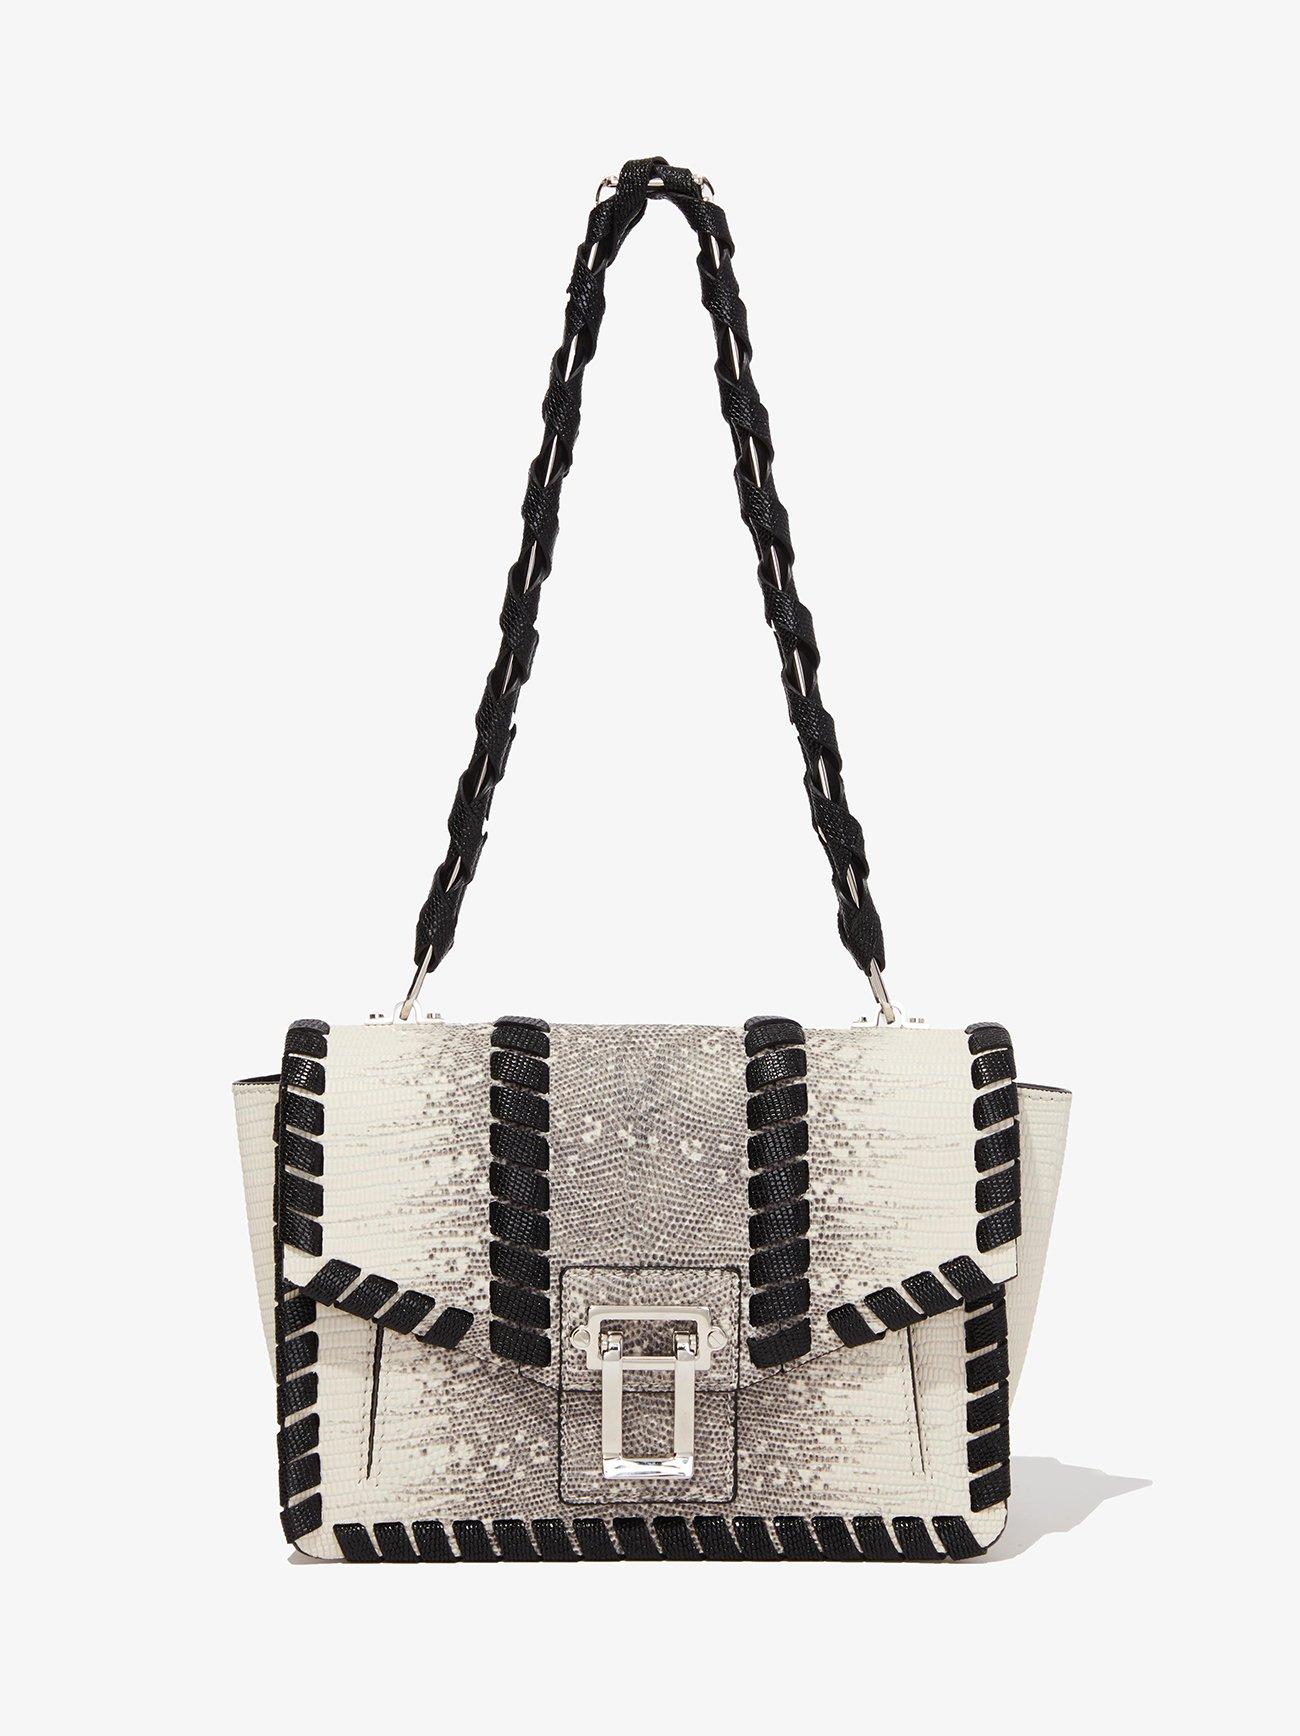 Hava Handbag